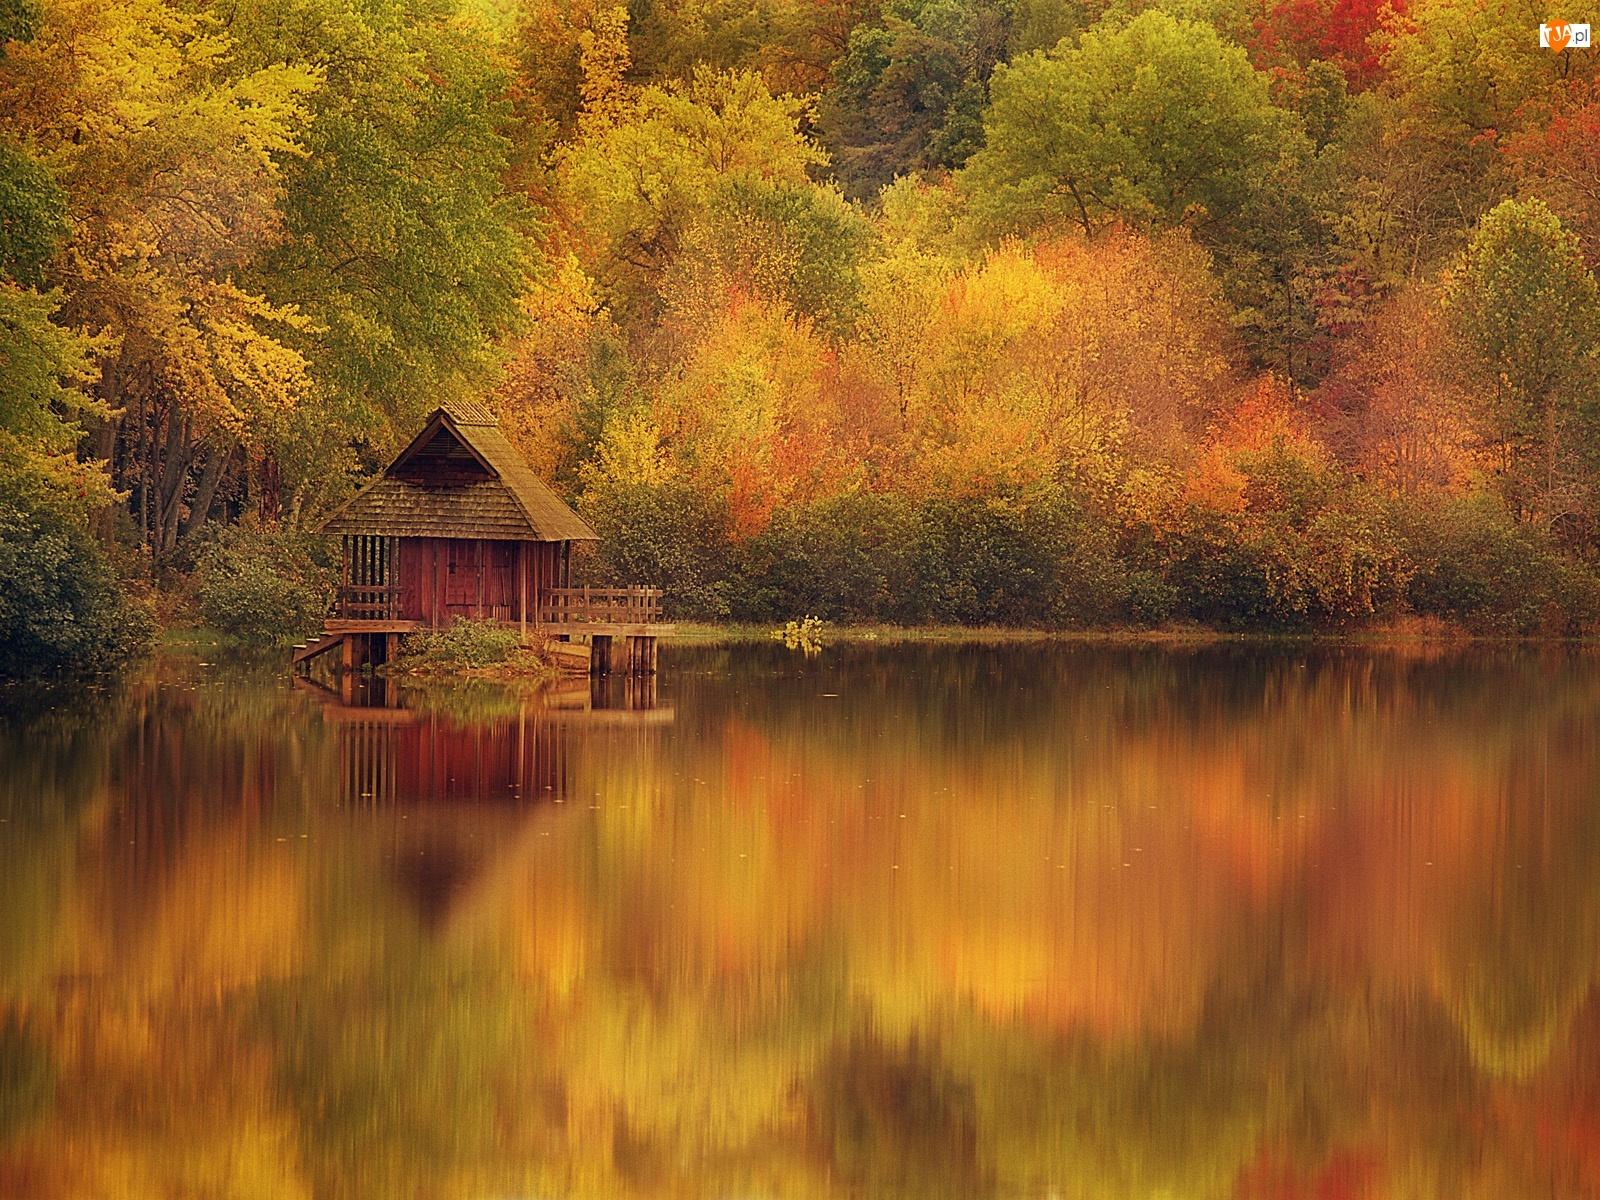 Jesień, Jezioro, Domek, Drzewa, Odbicie